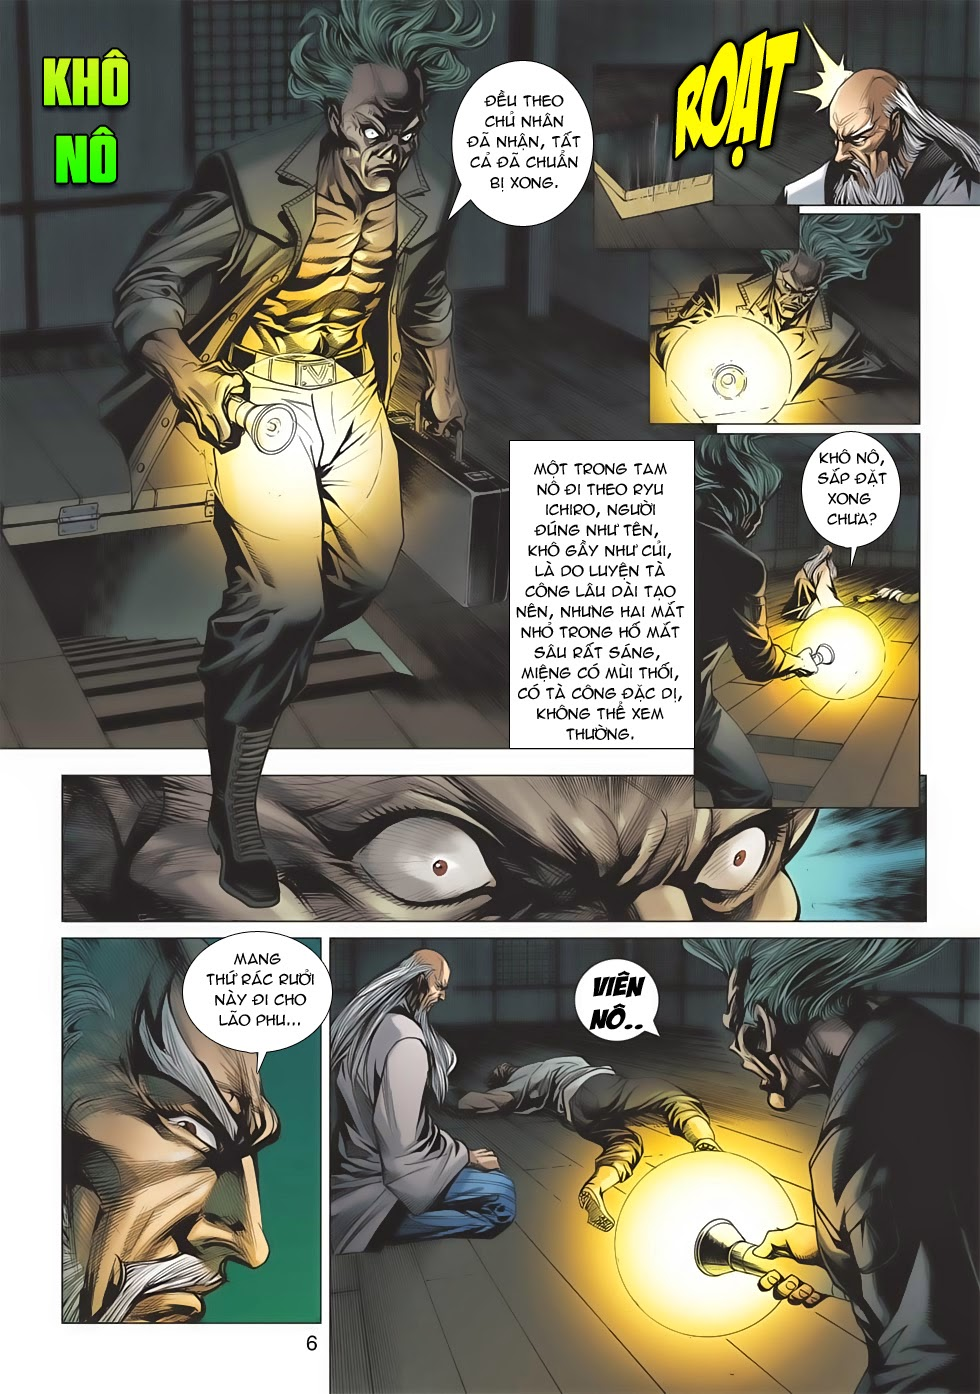 Tân Tác Long Hổ Môn chap 643 - Trang 6